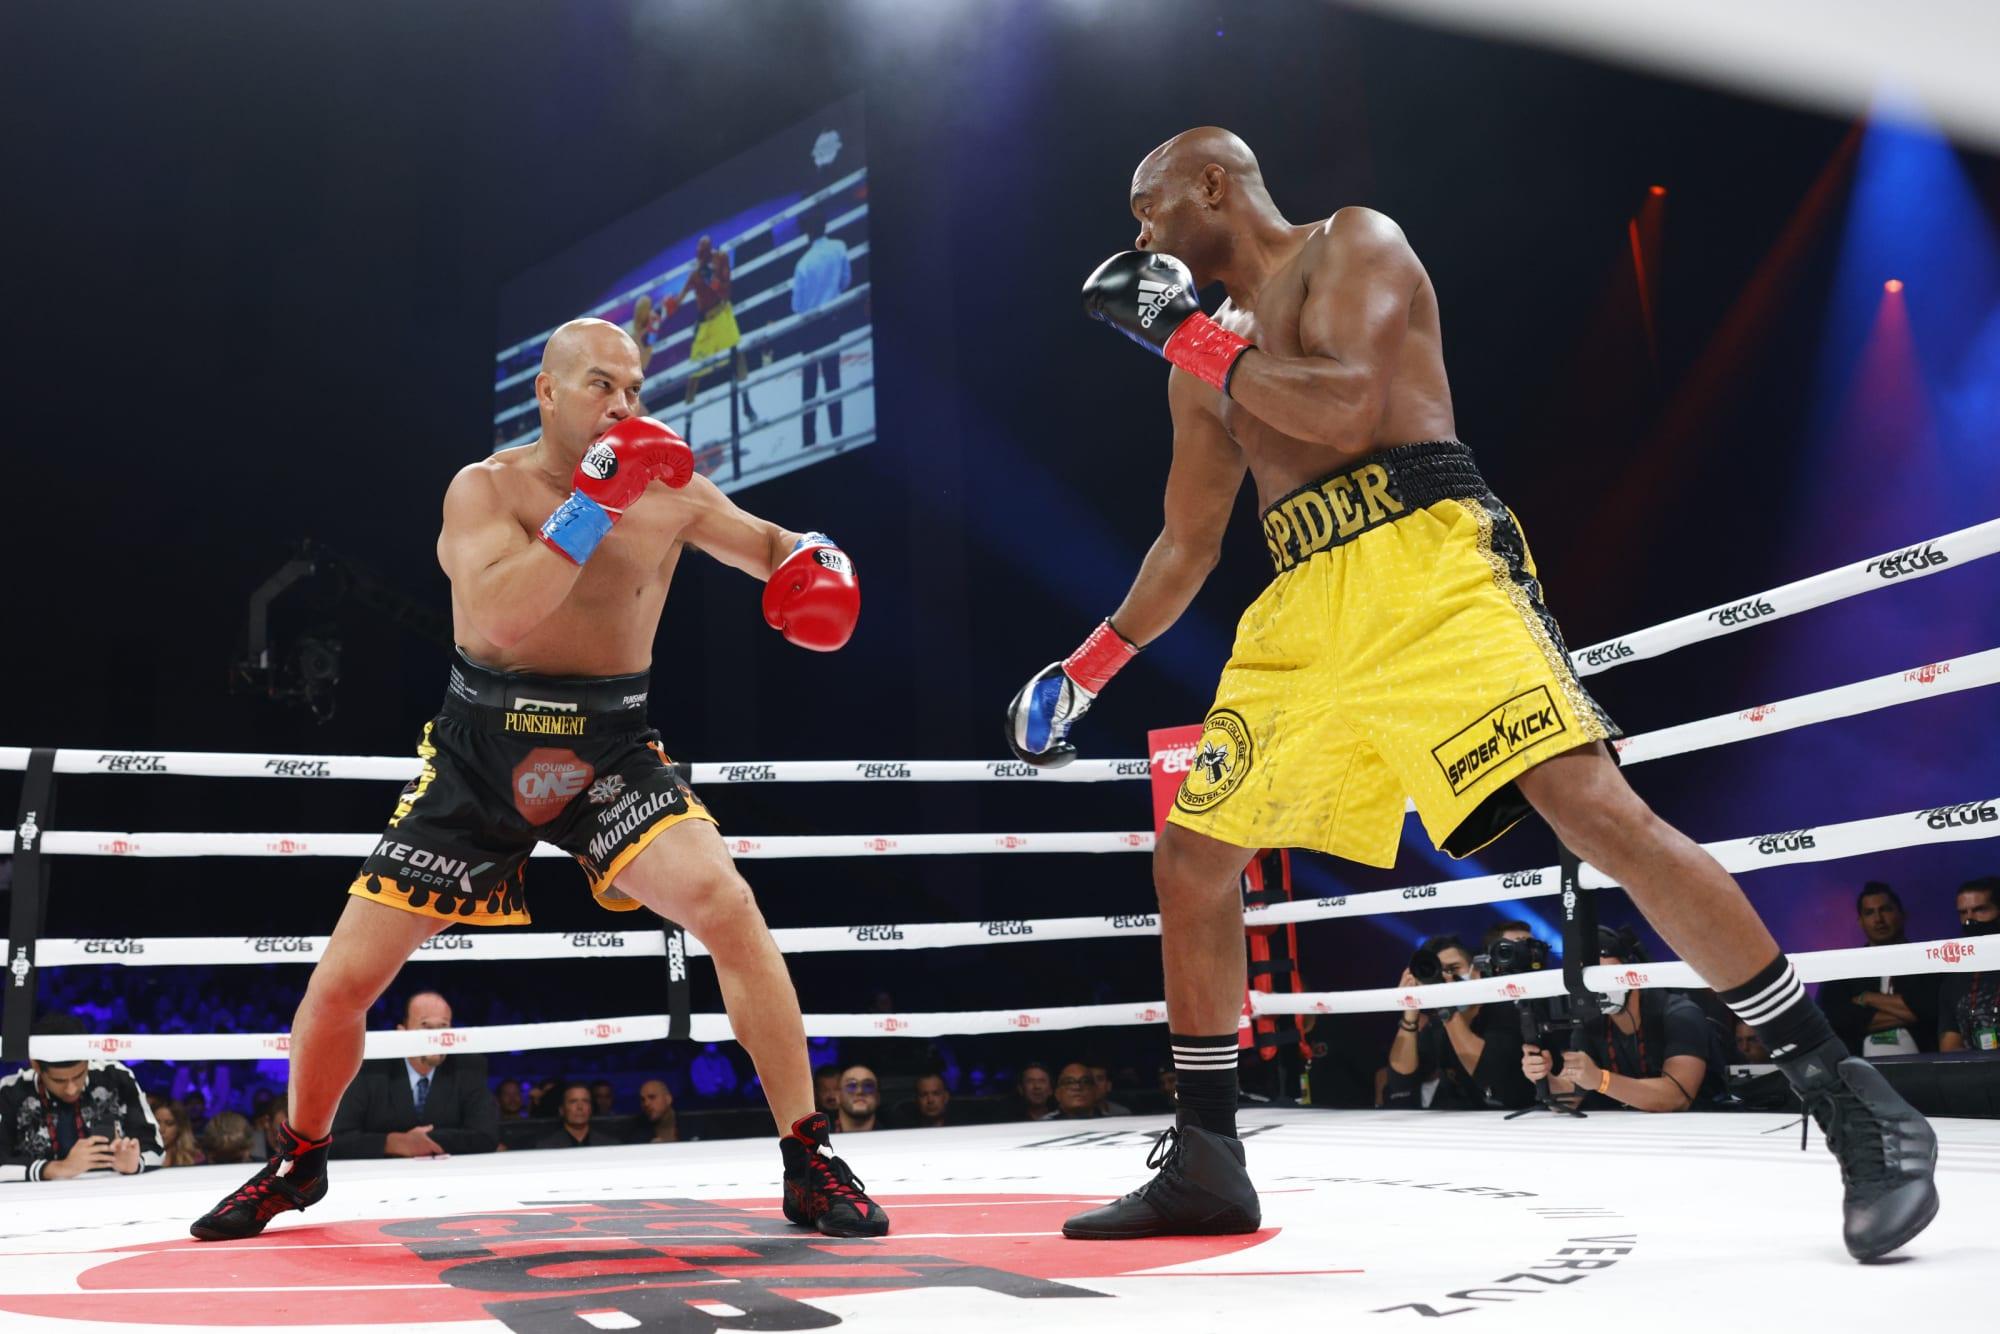 video review : Anderson Silva versus Tito Ortiz at Triller Fight Night